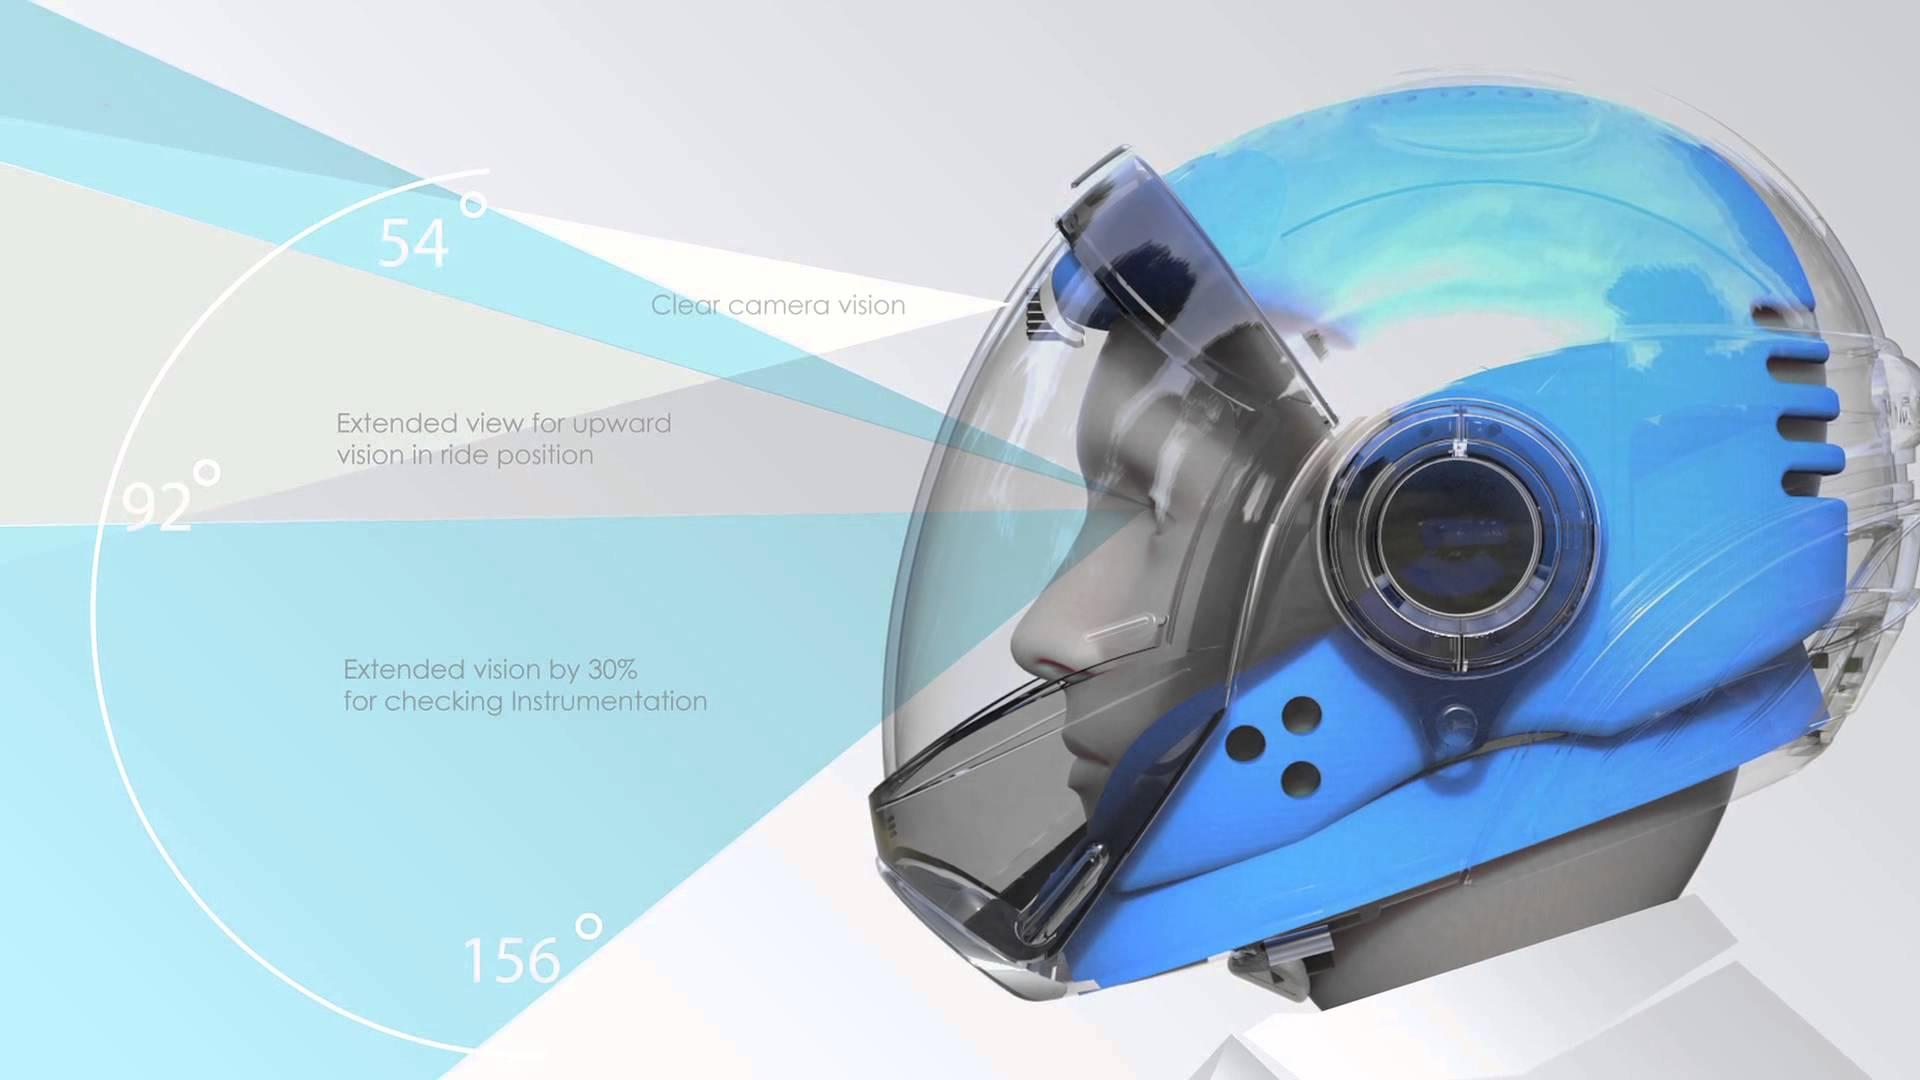 livemap l ve 300 000 pour son casque de moto connect avec navigation bas sur android geeks. Black Bedroom Furniture Sets. Home Design Ideas